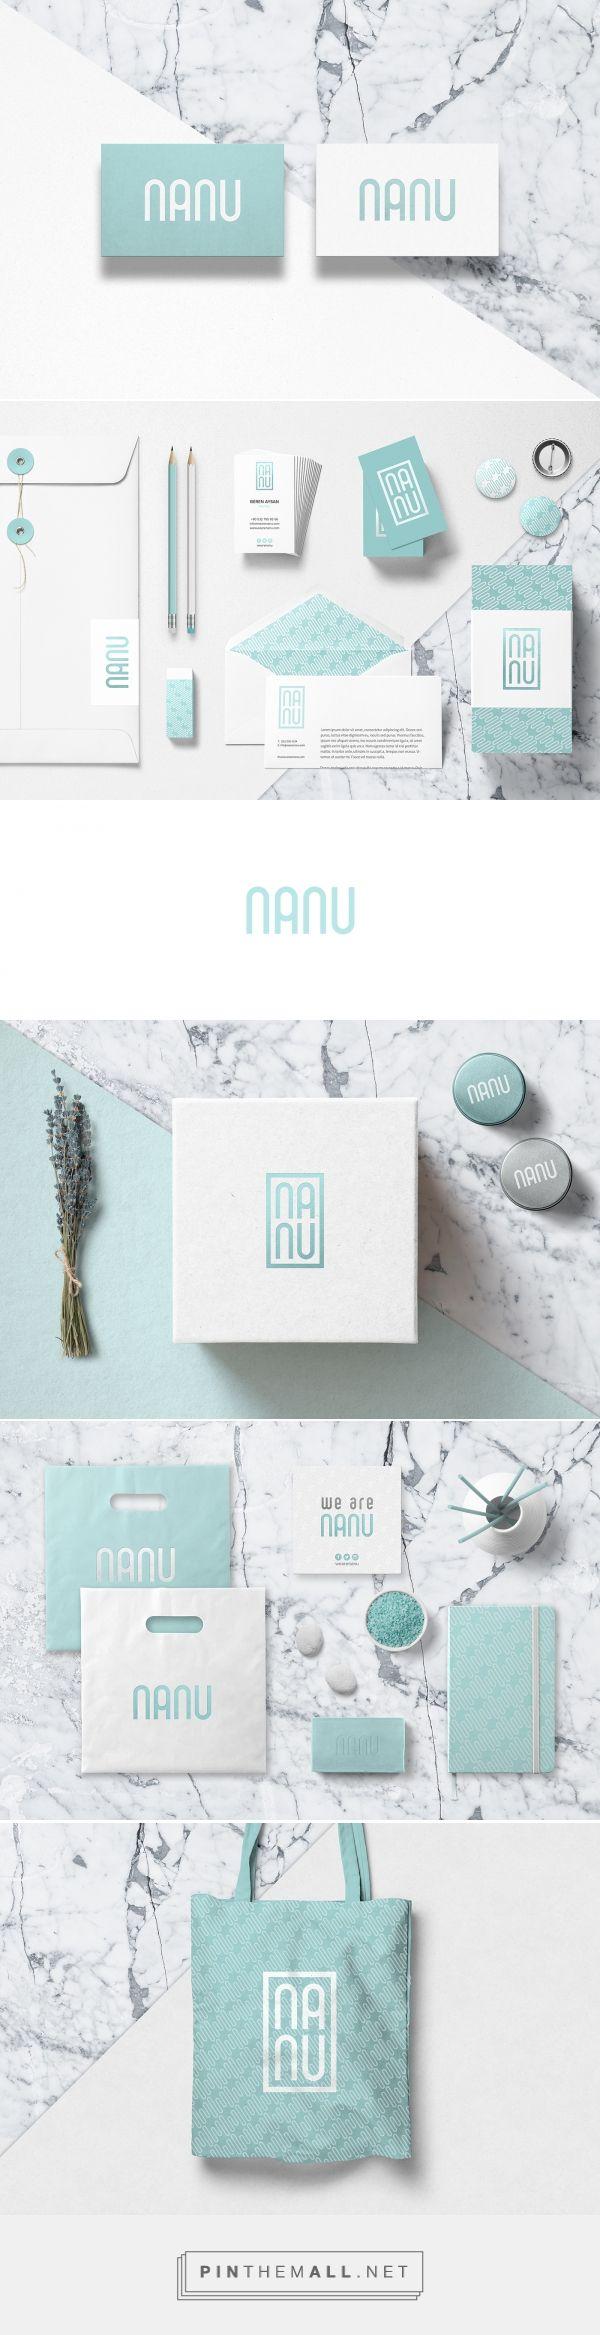 NaNu Branding by Damla Ilicak